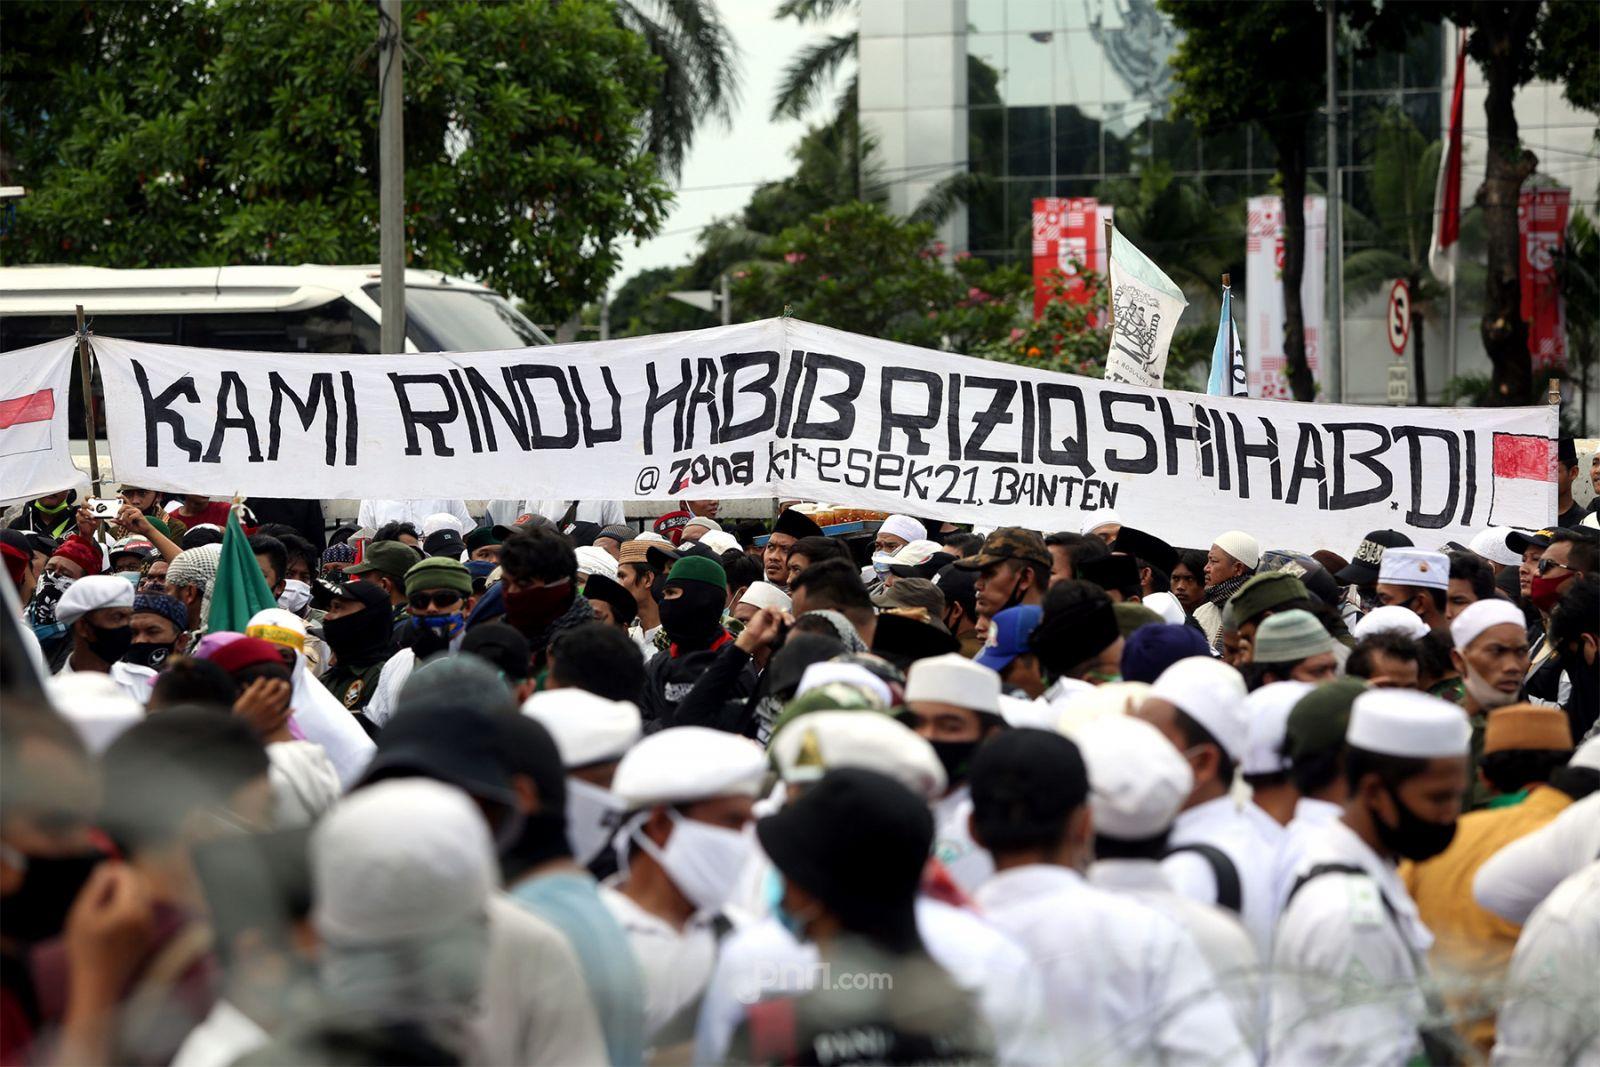 Pesantren Habib Rizieq Dipaksa Tutup, Pemerintah Makin Ngeri (Foto: jpnn/GenPI.co)